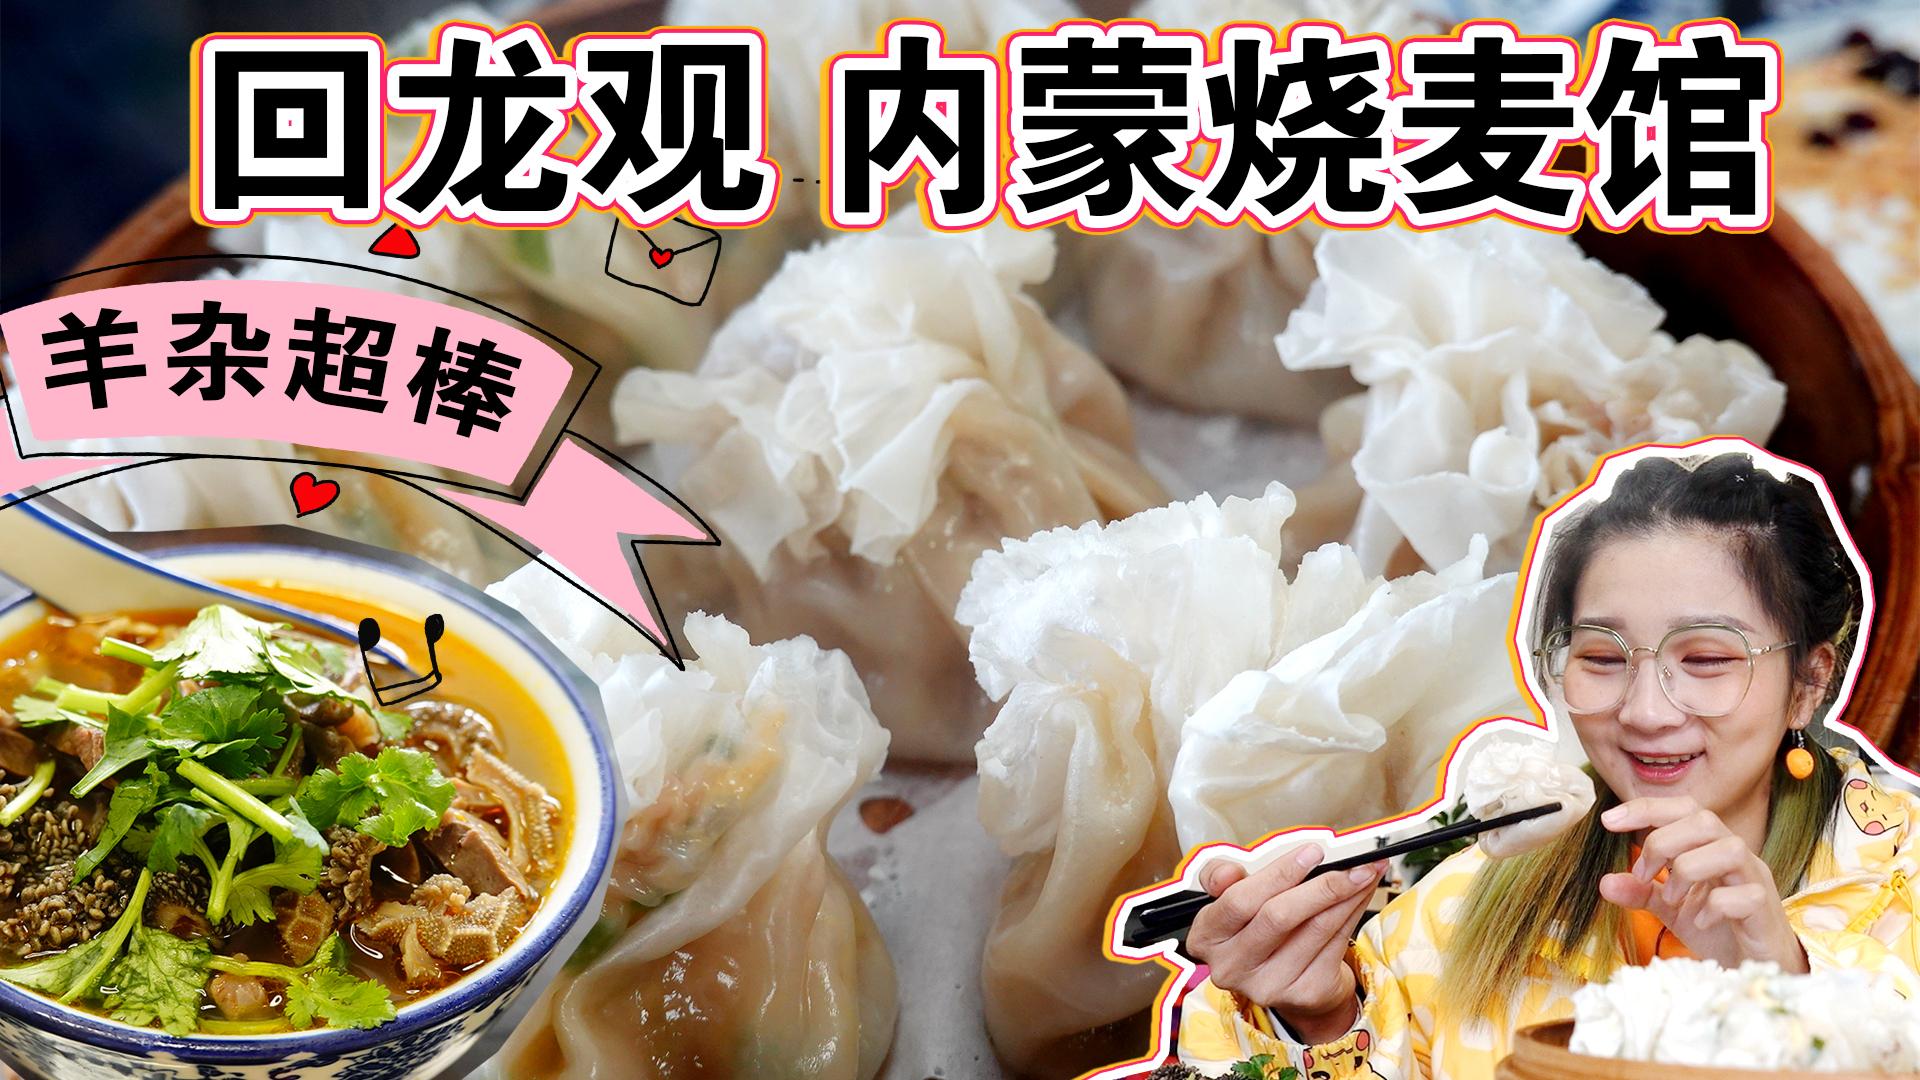 【逛吃北京】回龙观内蒙烧麦馆,馅儿大皮薄能双拼,饮料叫姥姥